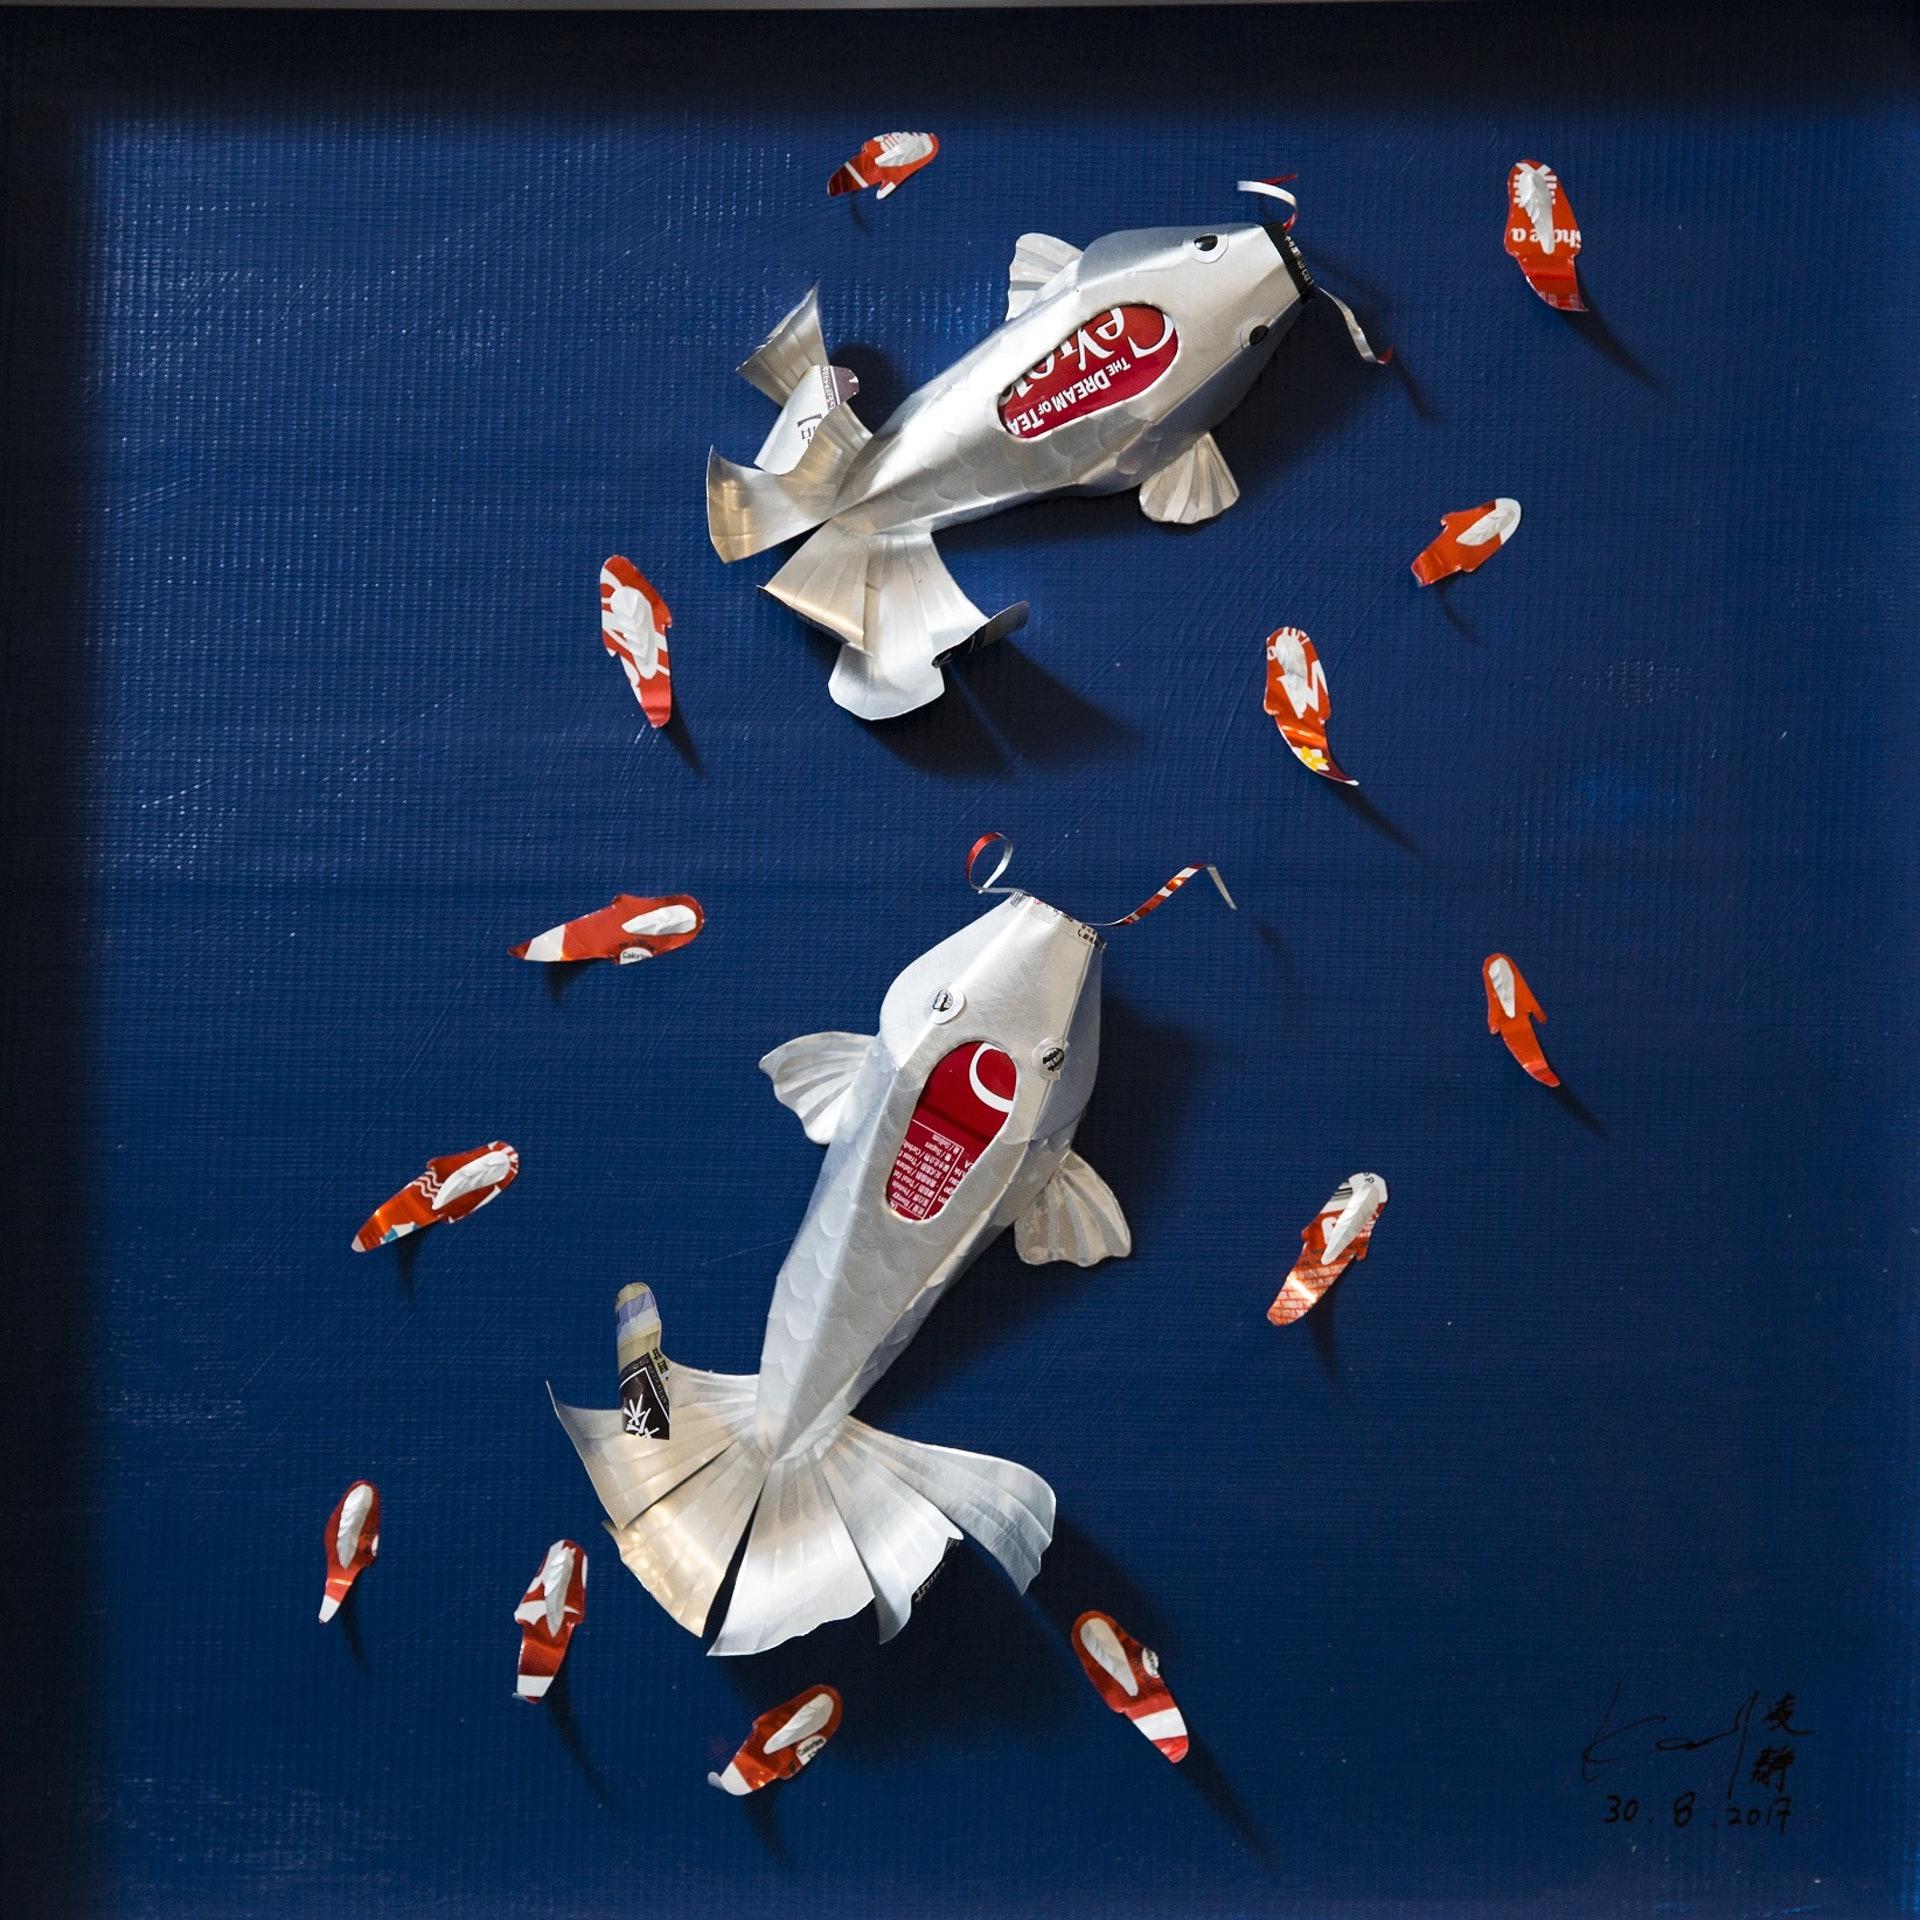 很多人看到門口附近的鋁罐魚藝術,都大讚可愛,Kat卻會告訴對方其實這是鯉魚頭金魚尾的變種魚,環境污染改變生態平衡,衍生出像這樣四不像的生物,她以較溫和的手法來宣揚這些可怕的事實。(黃寶瑩攝)